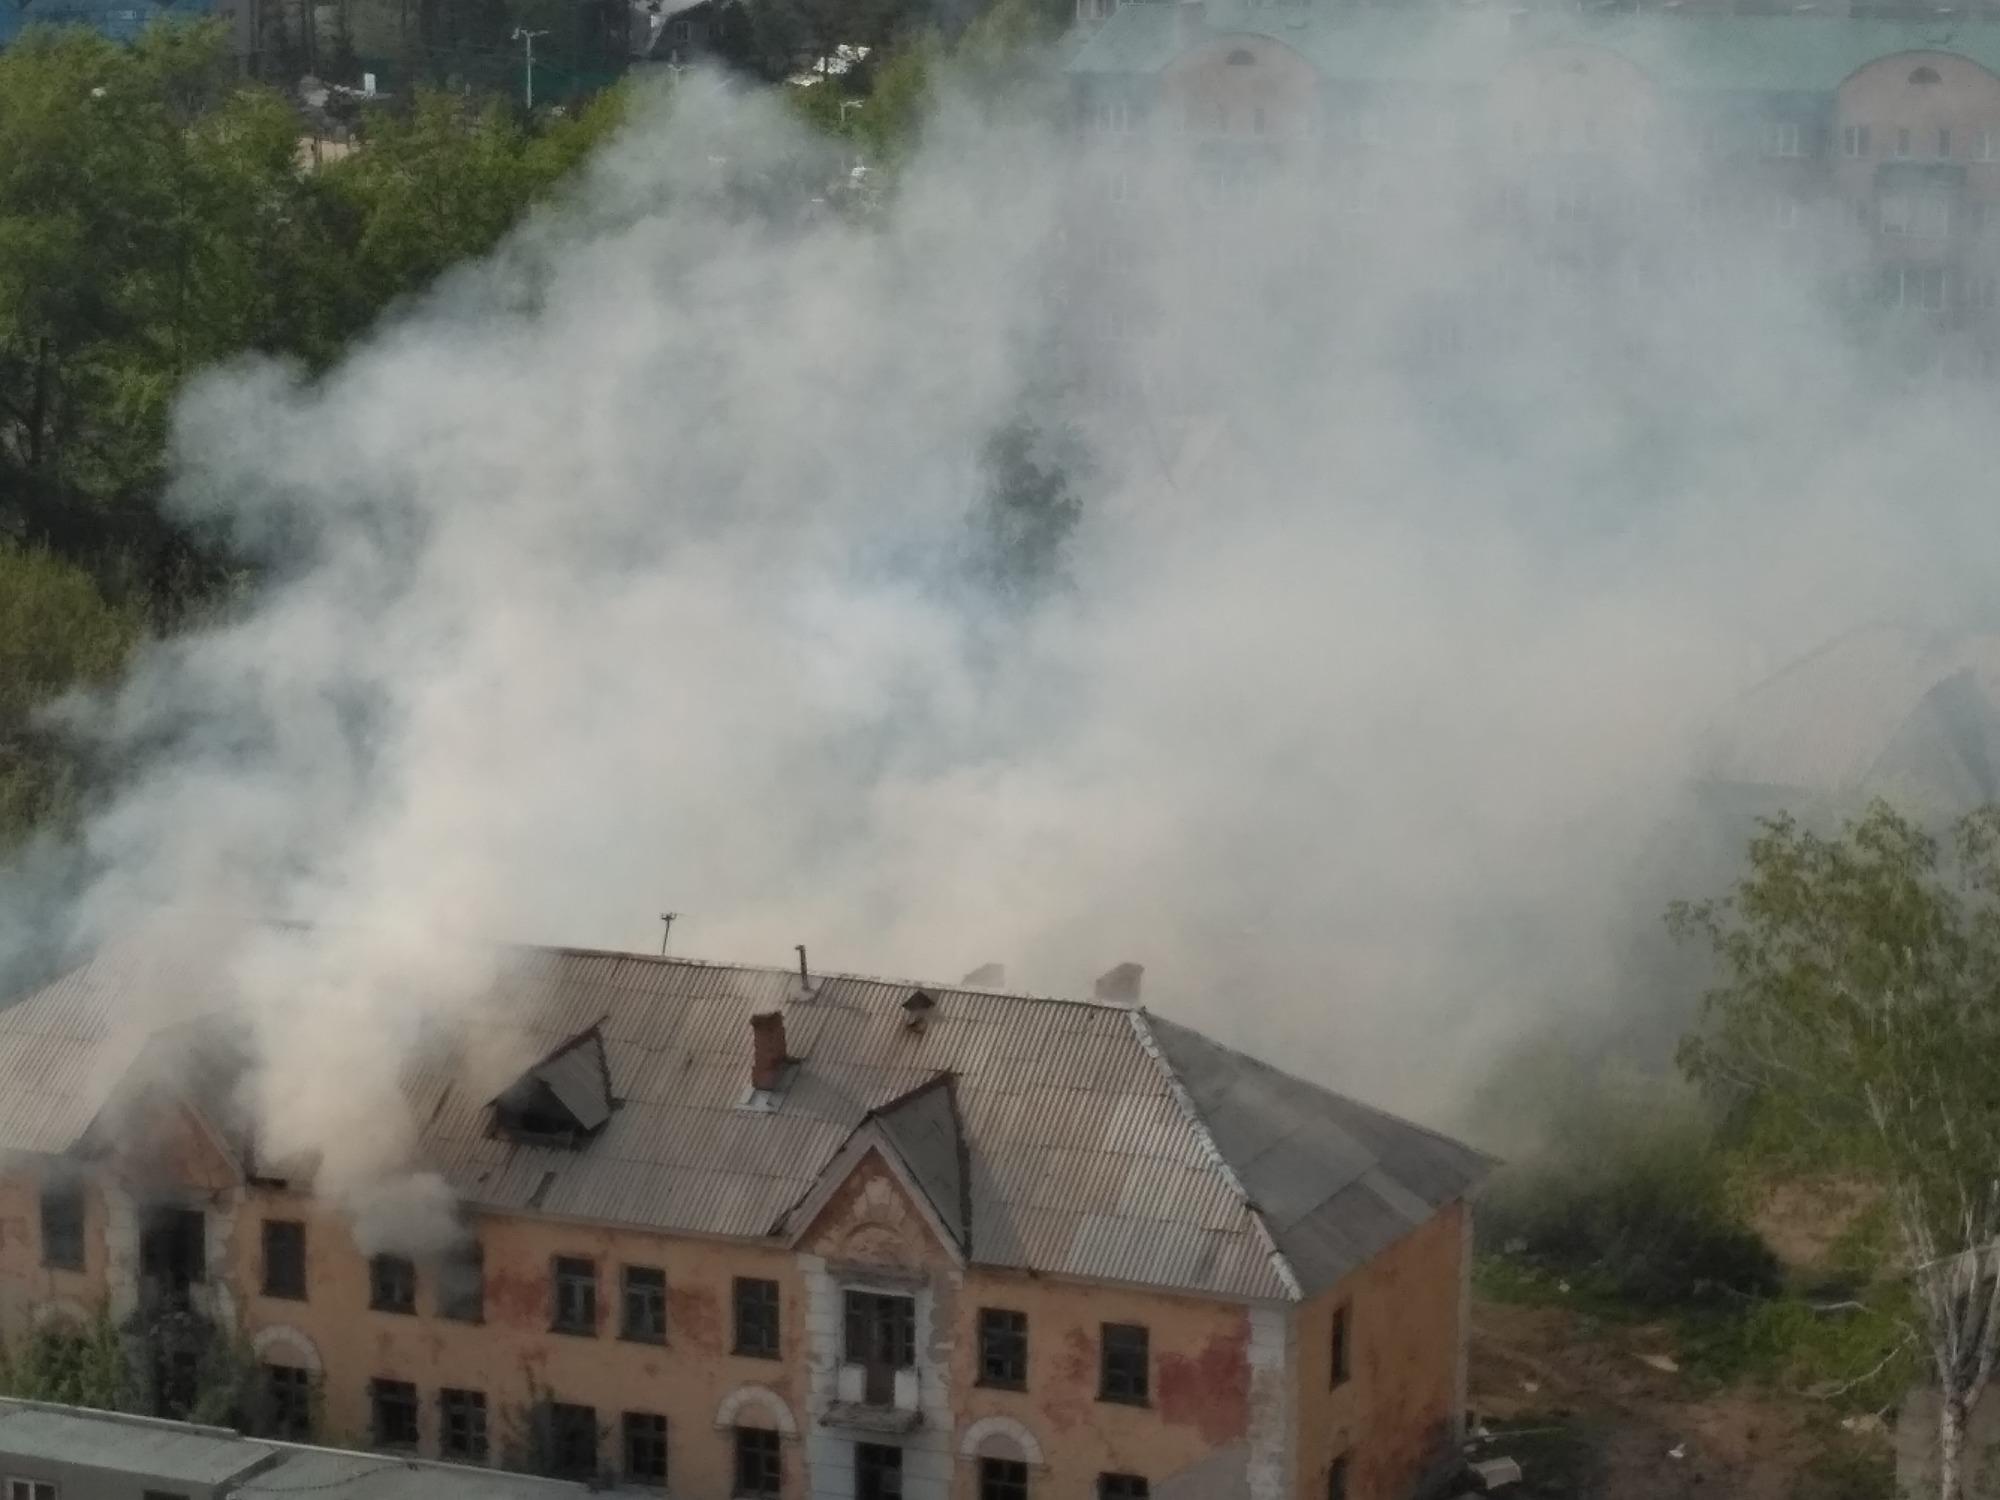 Точная причина пожара пока неизвестна